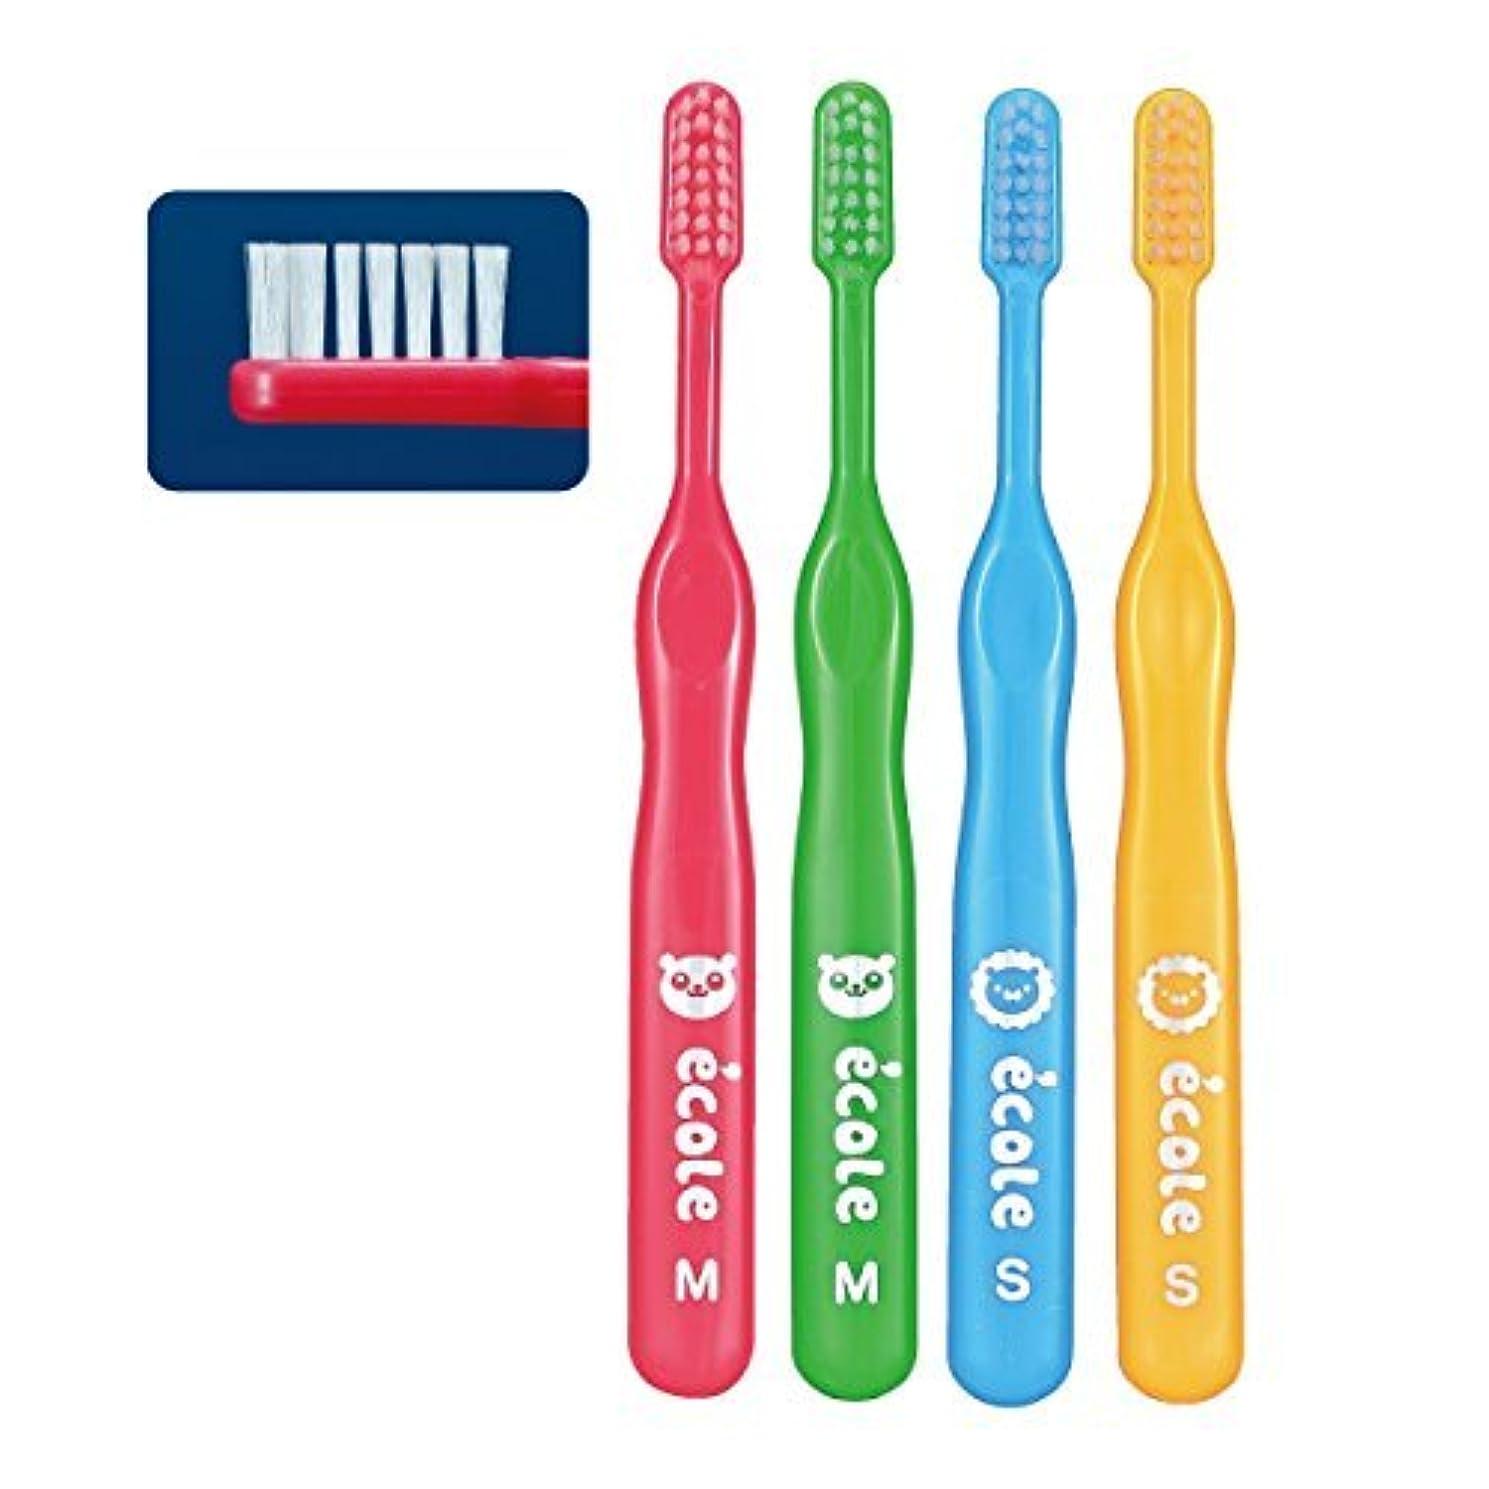 センブランス元に戻す付録リセラ エコル 幼児~小学生用歯ブラシ Mふつう 10本入り